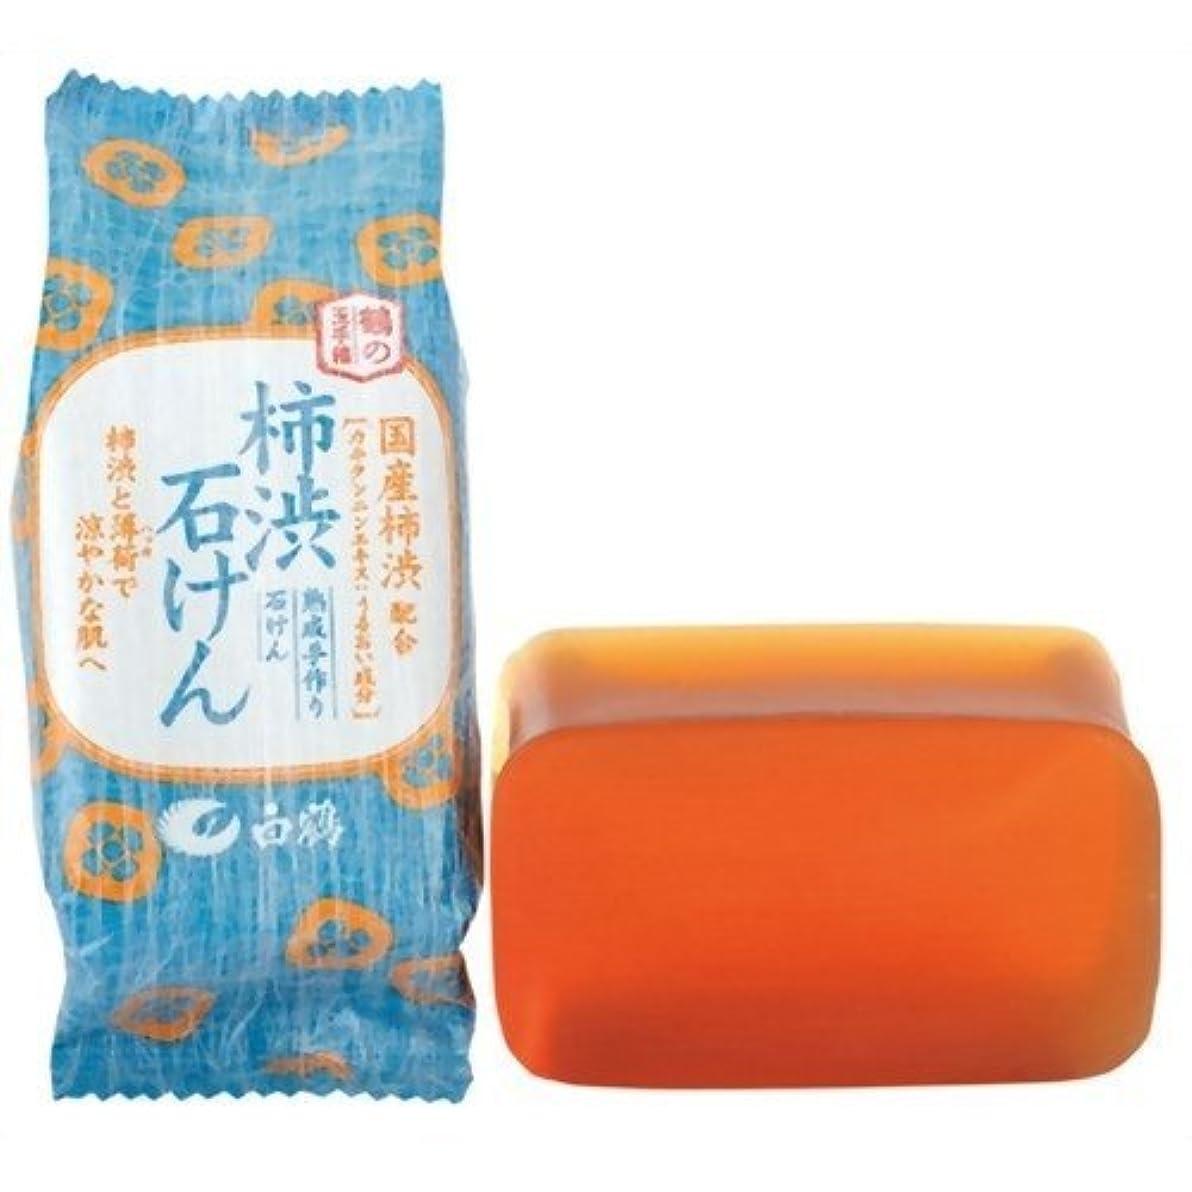 砂同様の司教白鶴 鶴の玉手箱 薬用 柿渋石けん 110g × 10個